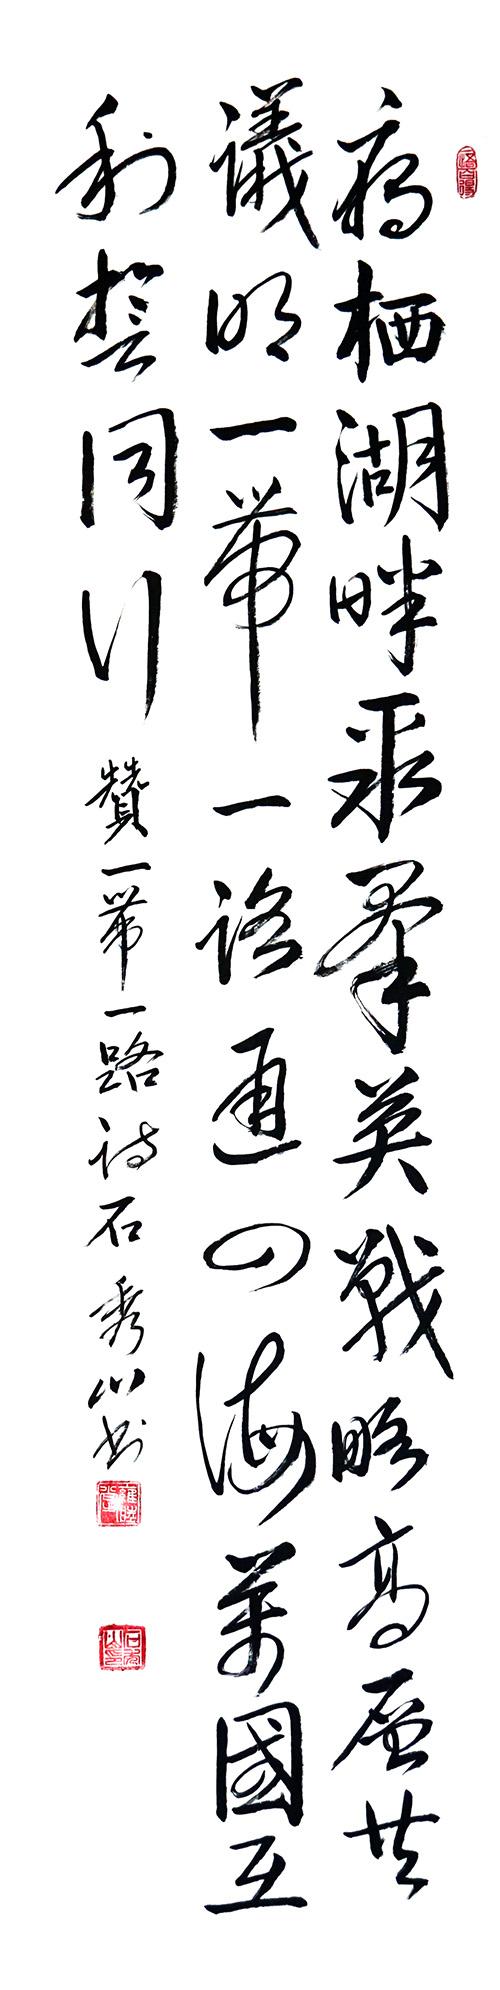 石秀山作品之一 (8)